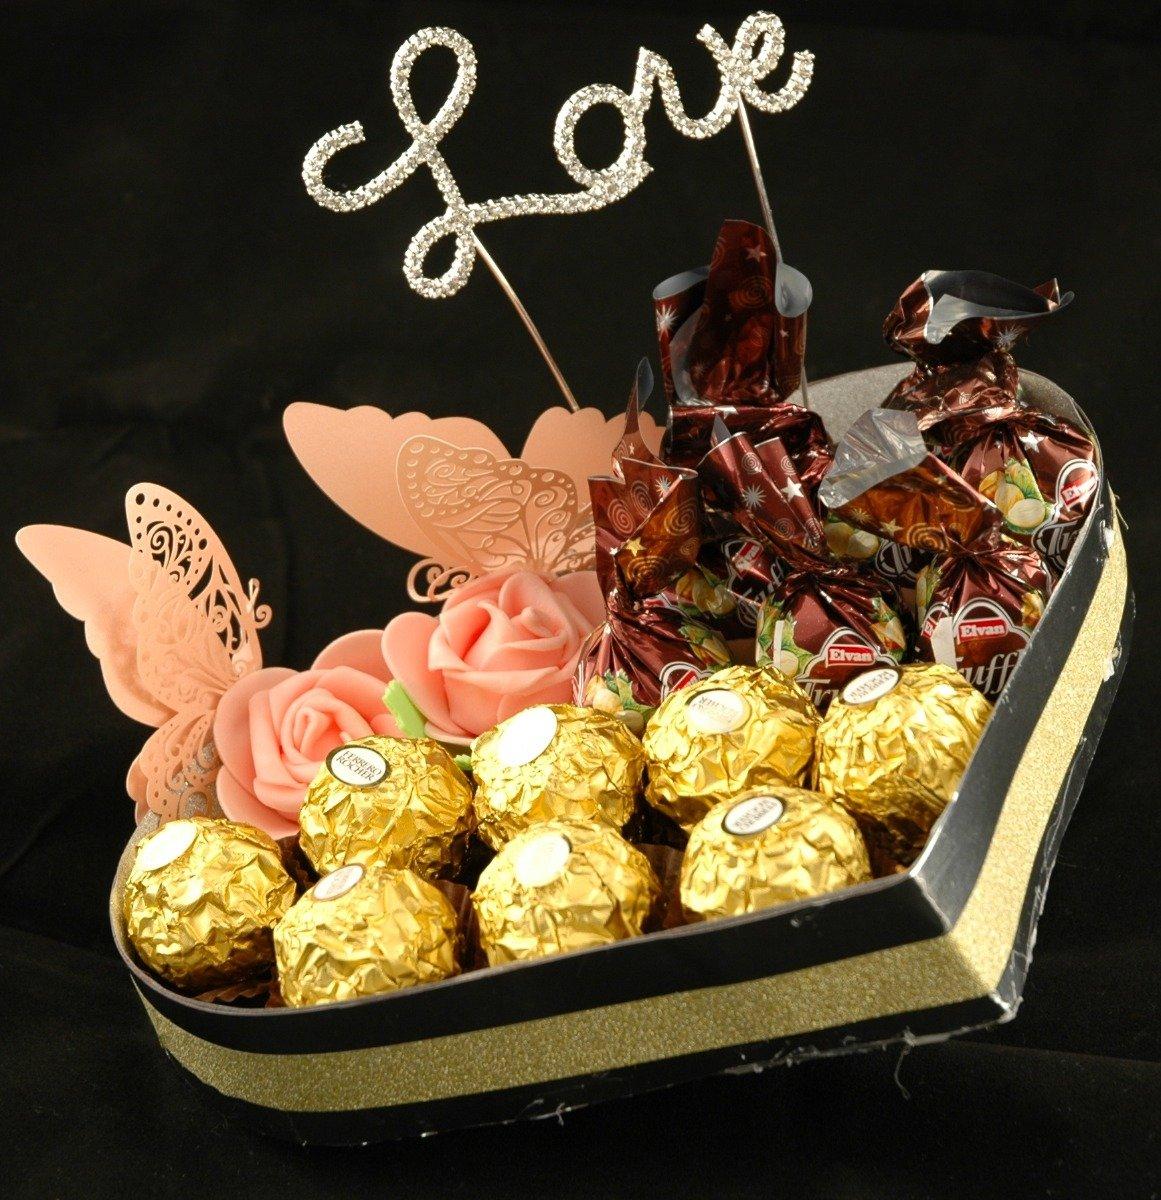 sjokolade på døra